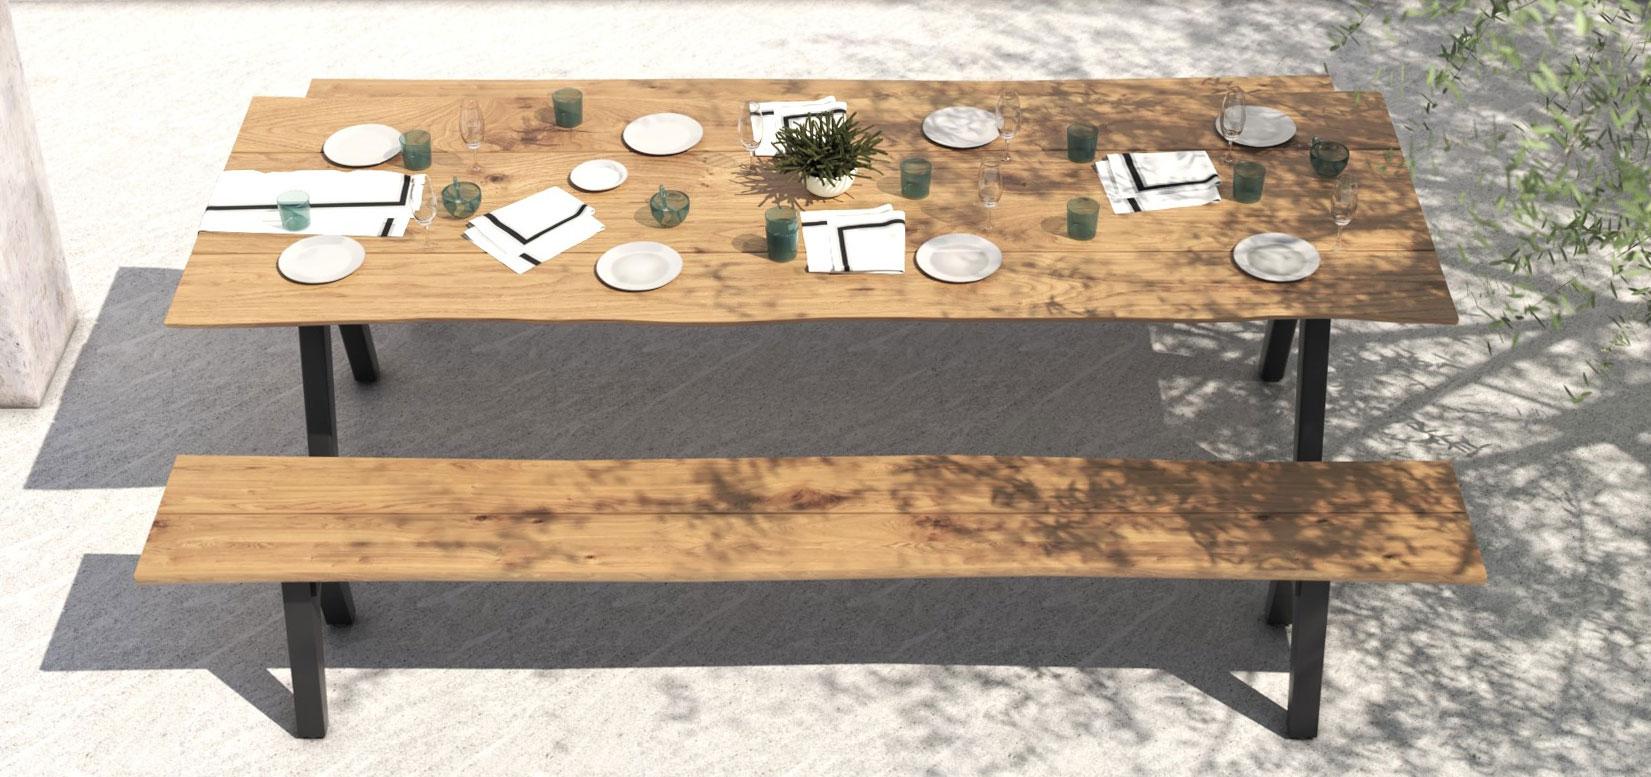 Full Size of Einzigartige Teak Gartenmbel Direkt Vom Hersteller Teakoutlet Esstisch Rustikal Holz Massivholz Bett Holzhaus Garten Betten Esstische Loungemöbel Küche Wohnzimmer Gartenlounge Holz